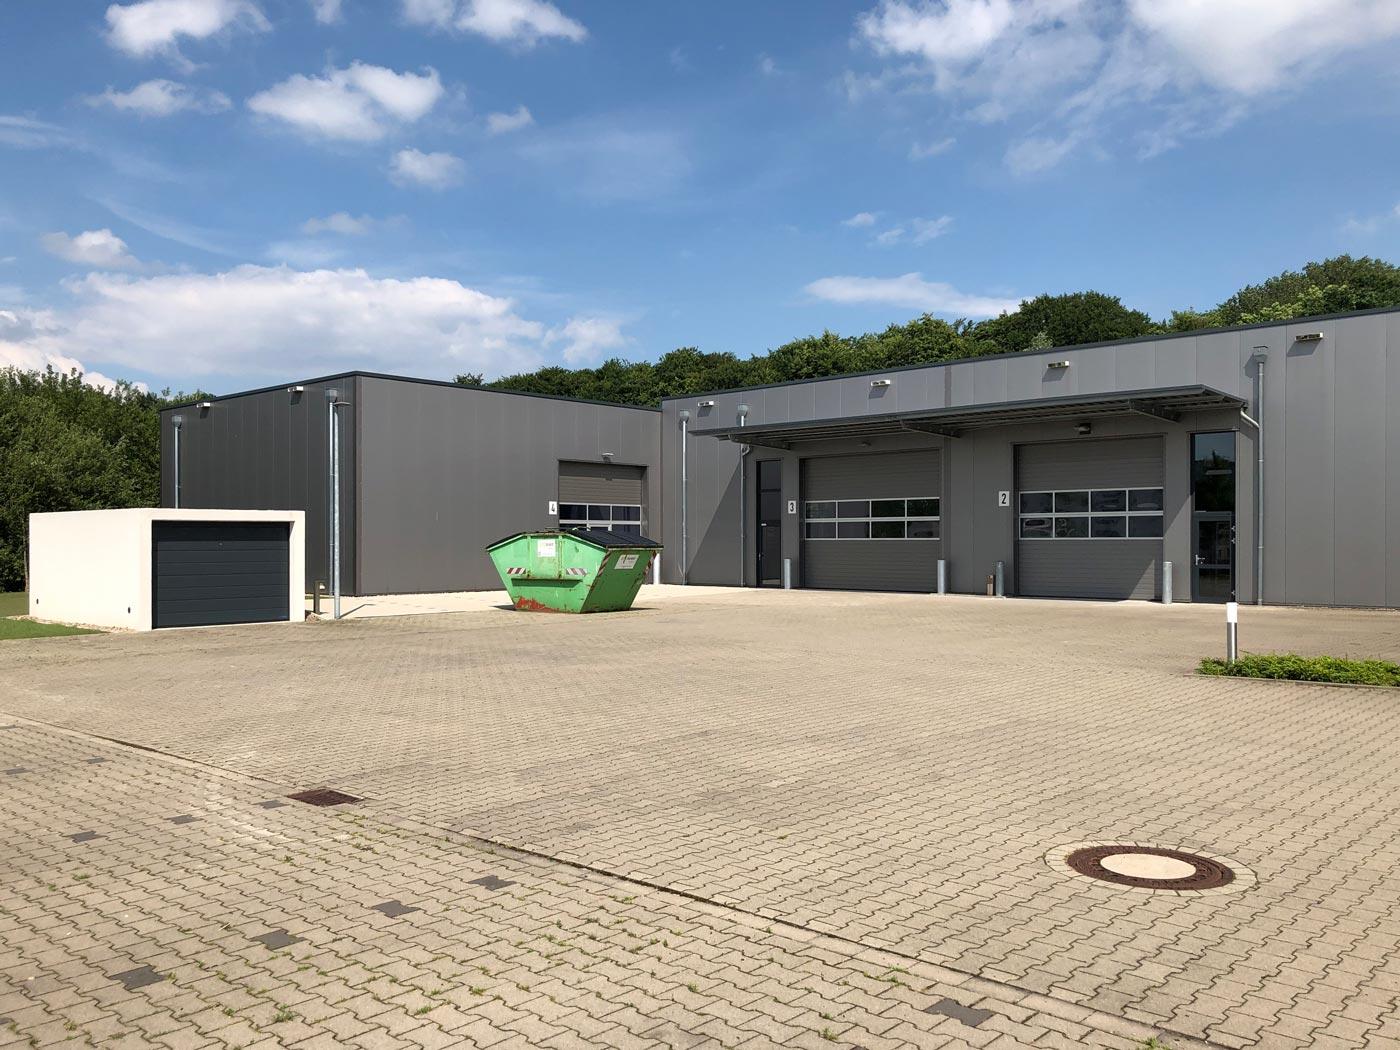 Kesselhut Anbau 2019: Aussenansicht des fertigen Gebäudes